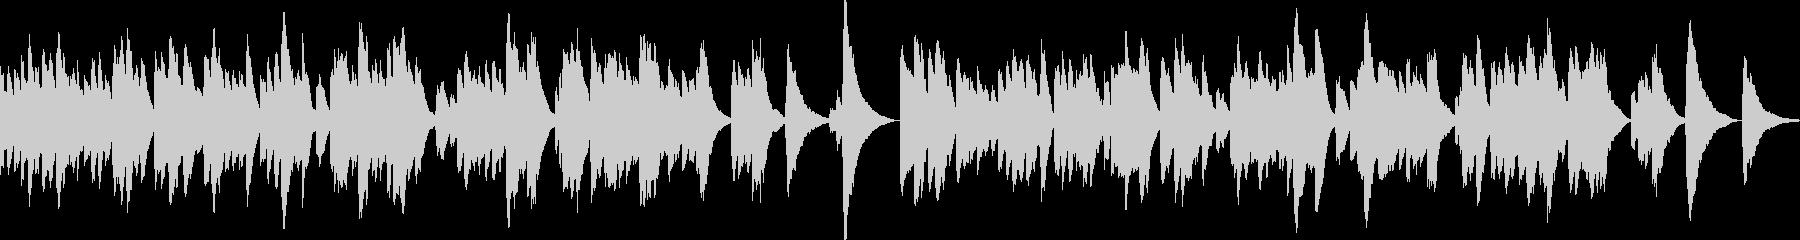 優しく切ないオルゴール曲の未再生の波形